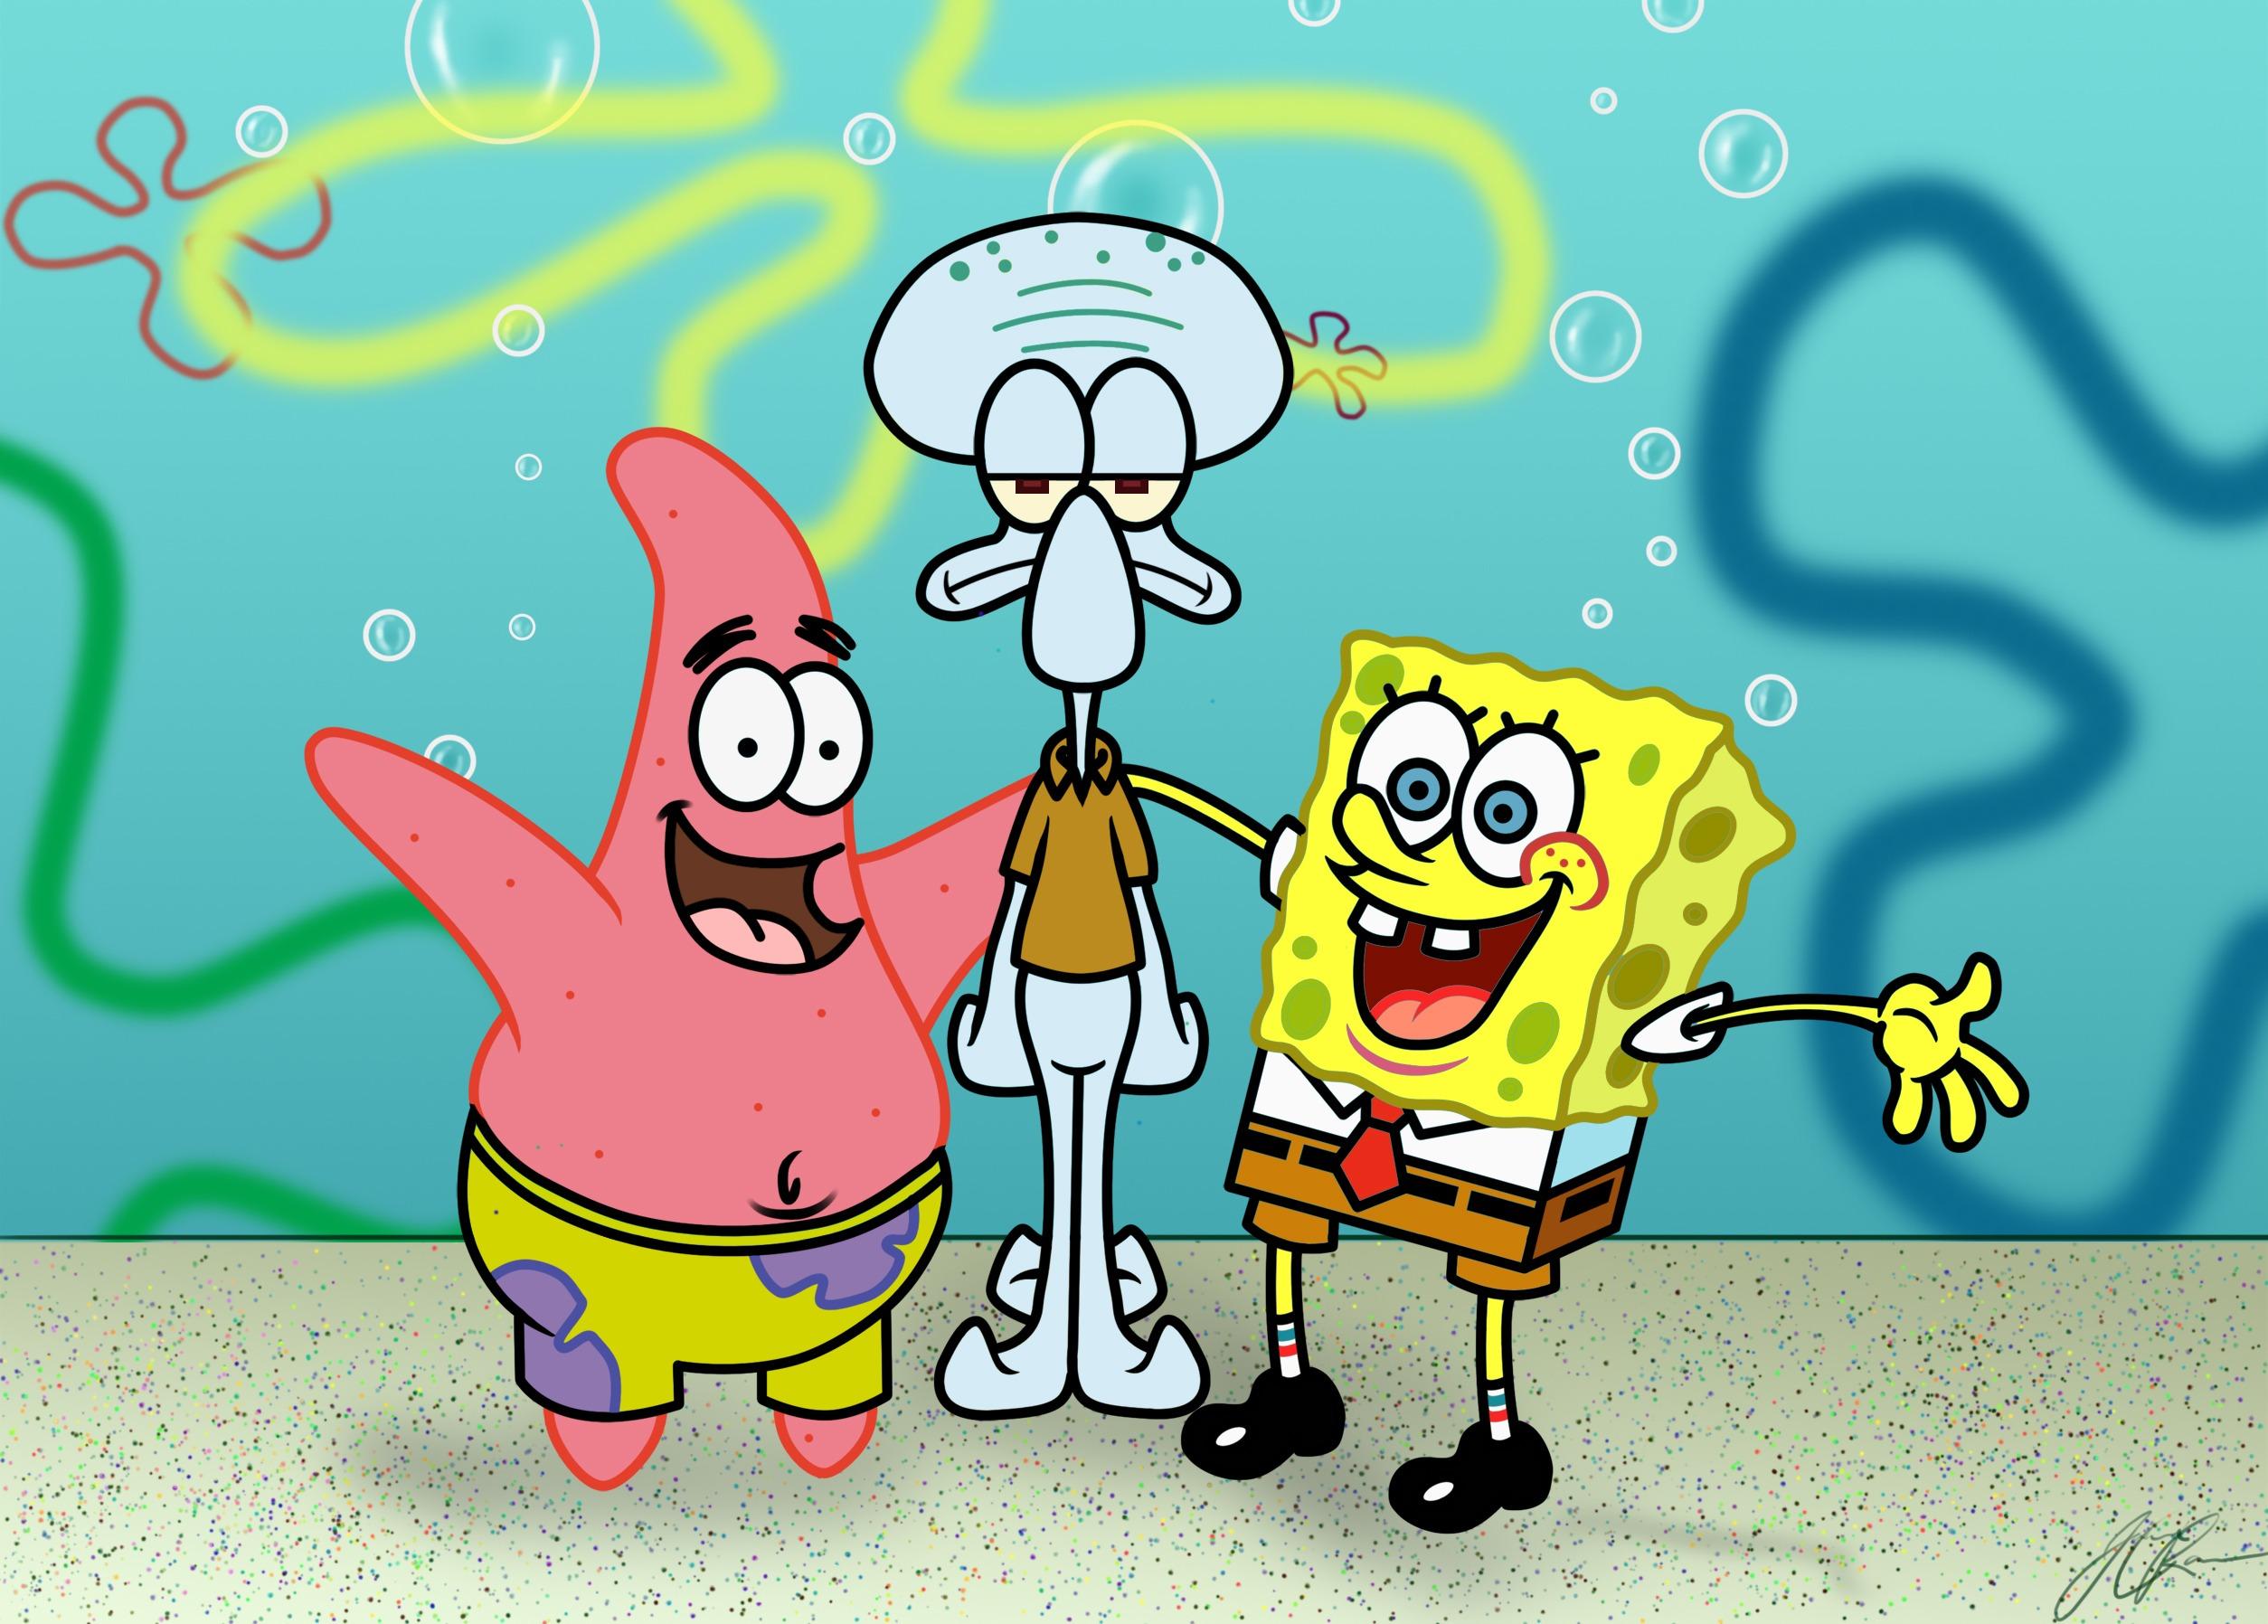 Sponge Bob Square Pant  610